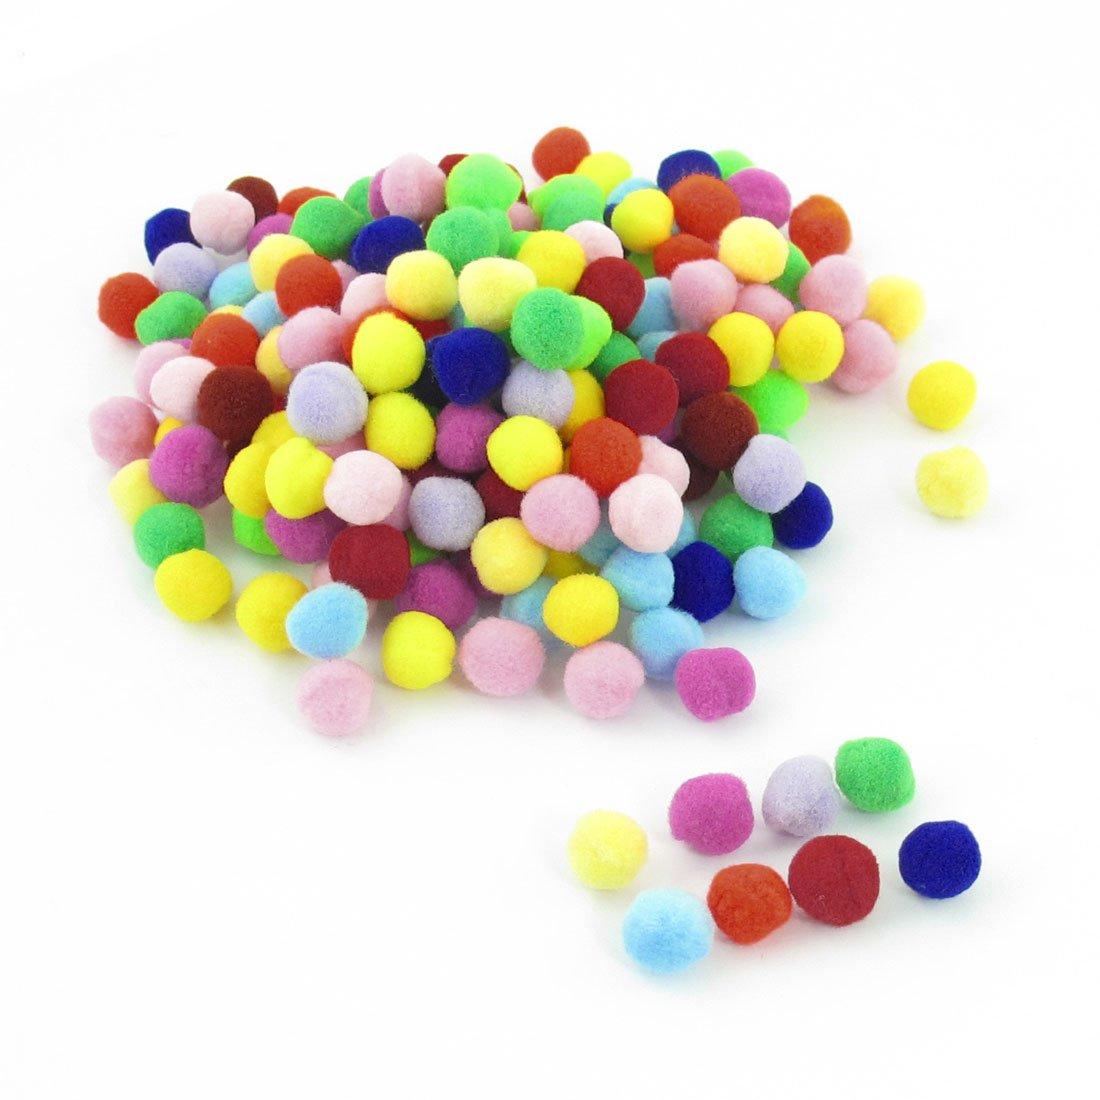 200 шт 10мм плюшевые разноцветные пом мяч пришить на одежду брюки сумки